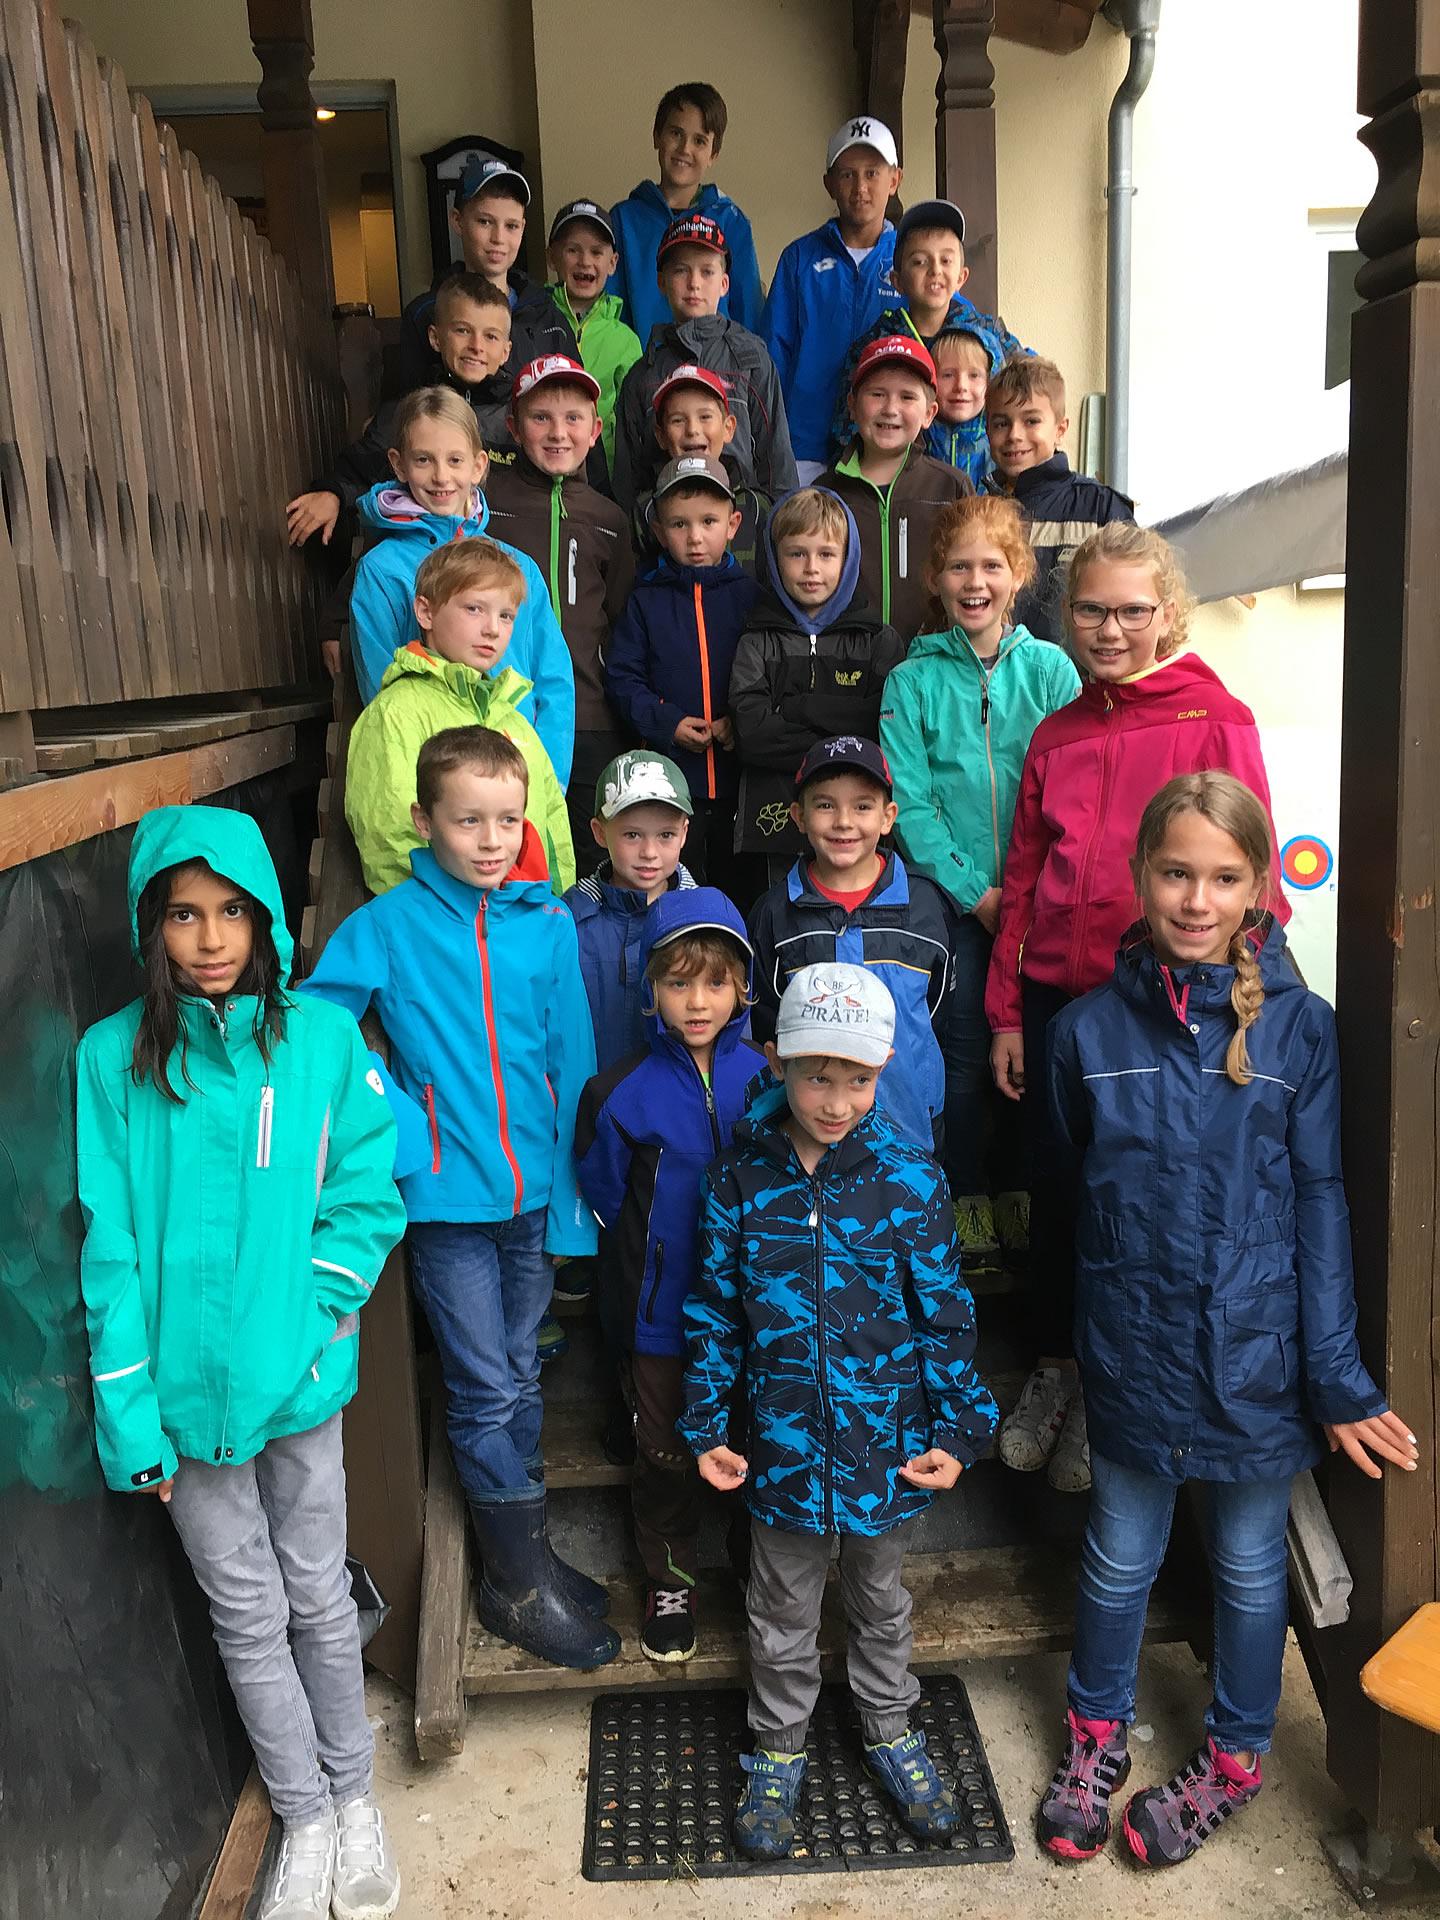 Teilnehmende Kinder bei den Ferienspielen 2017 des SV Watterbach